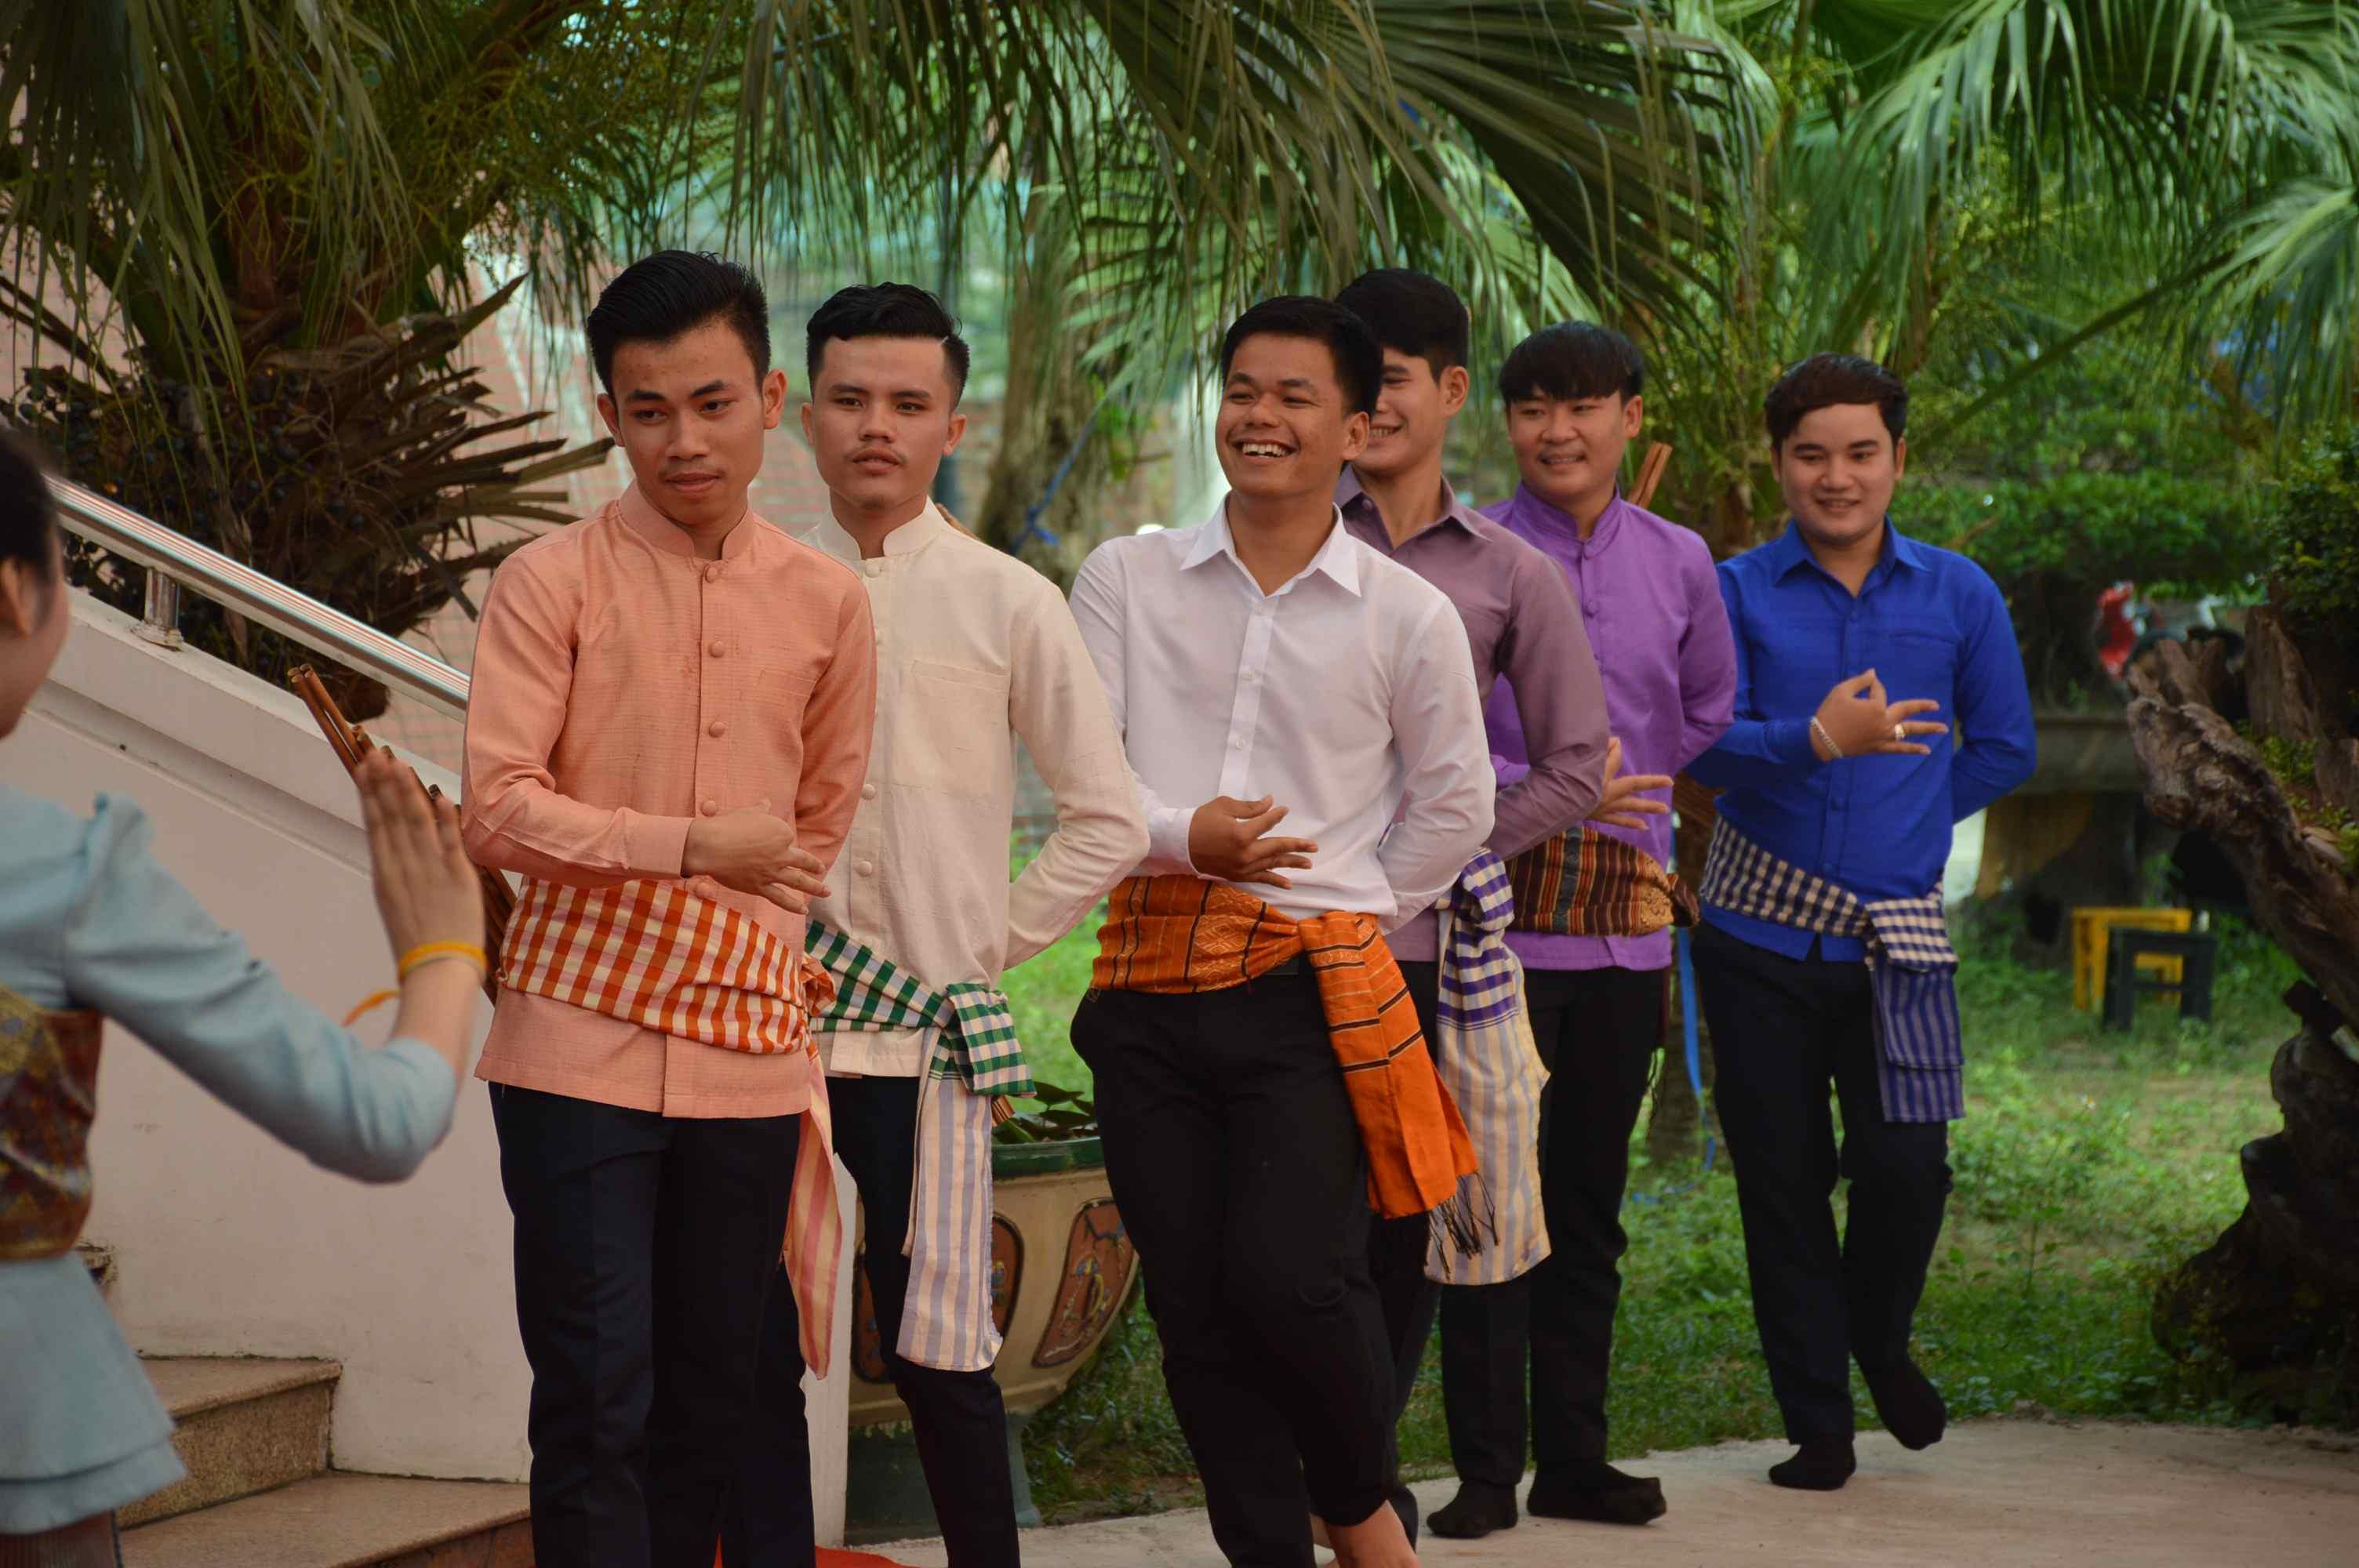 Một tốp sinh viên trong trang phục truyền thống của người Lào chuẩn bị giao lưu với các bạn sinh viên nữ. Ảnh: Q.T